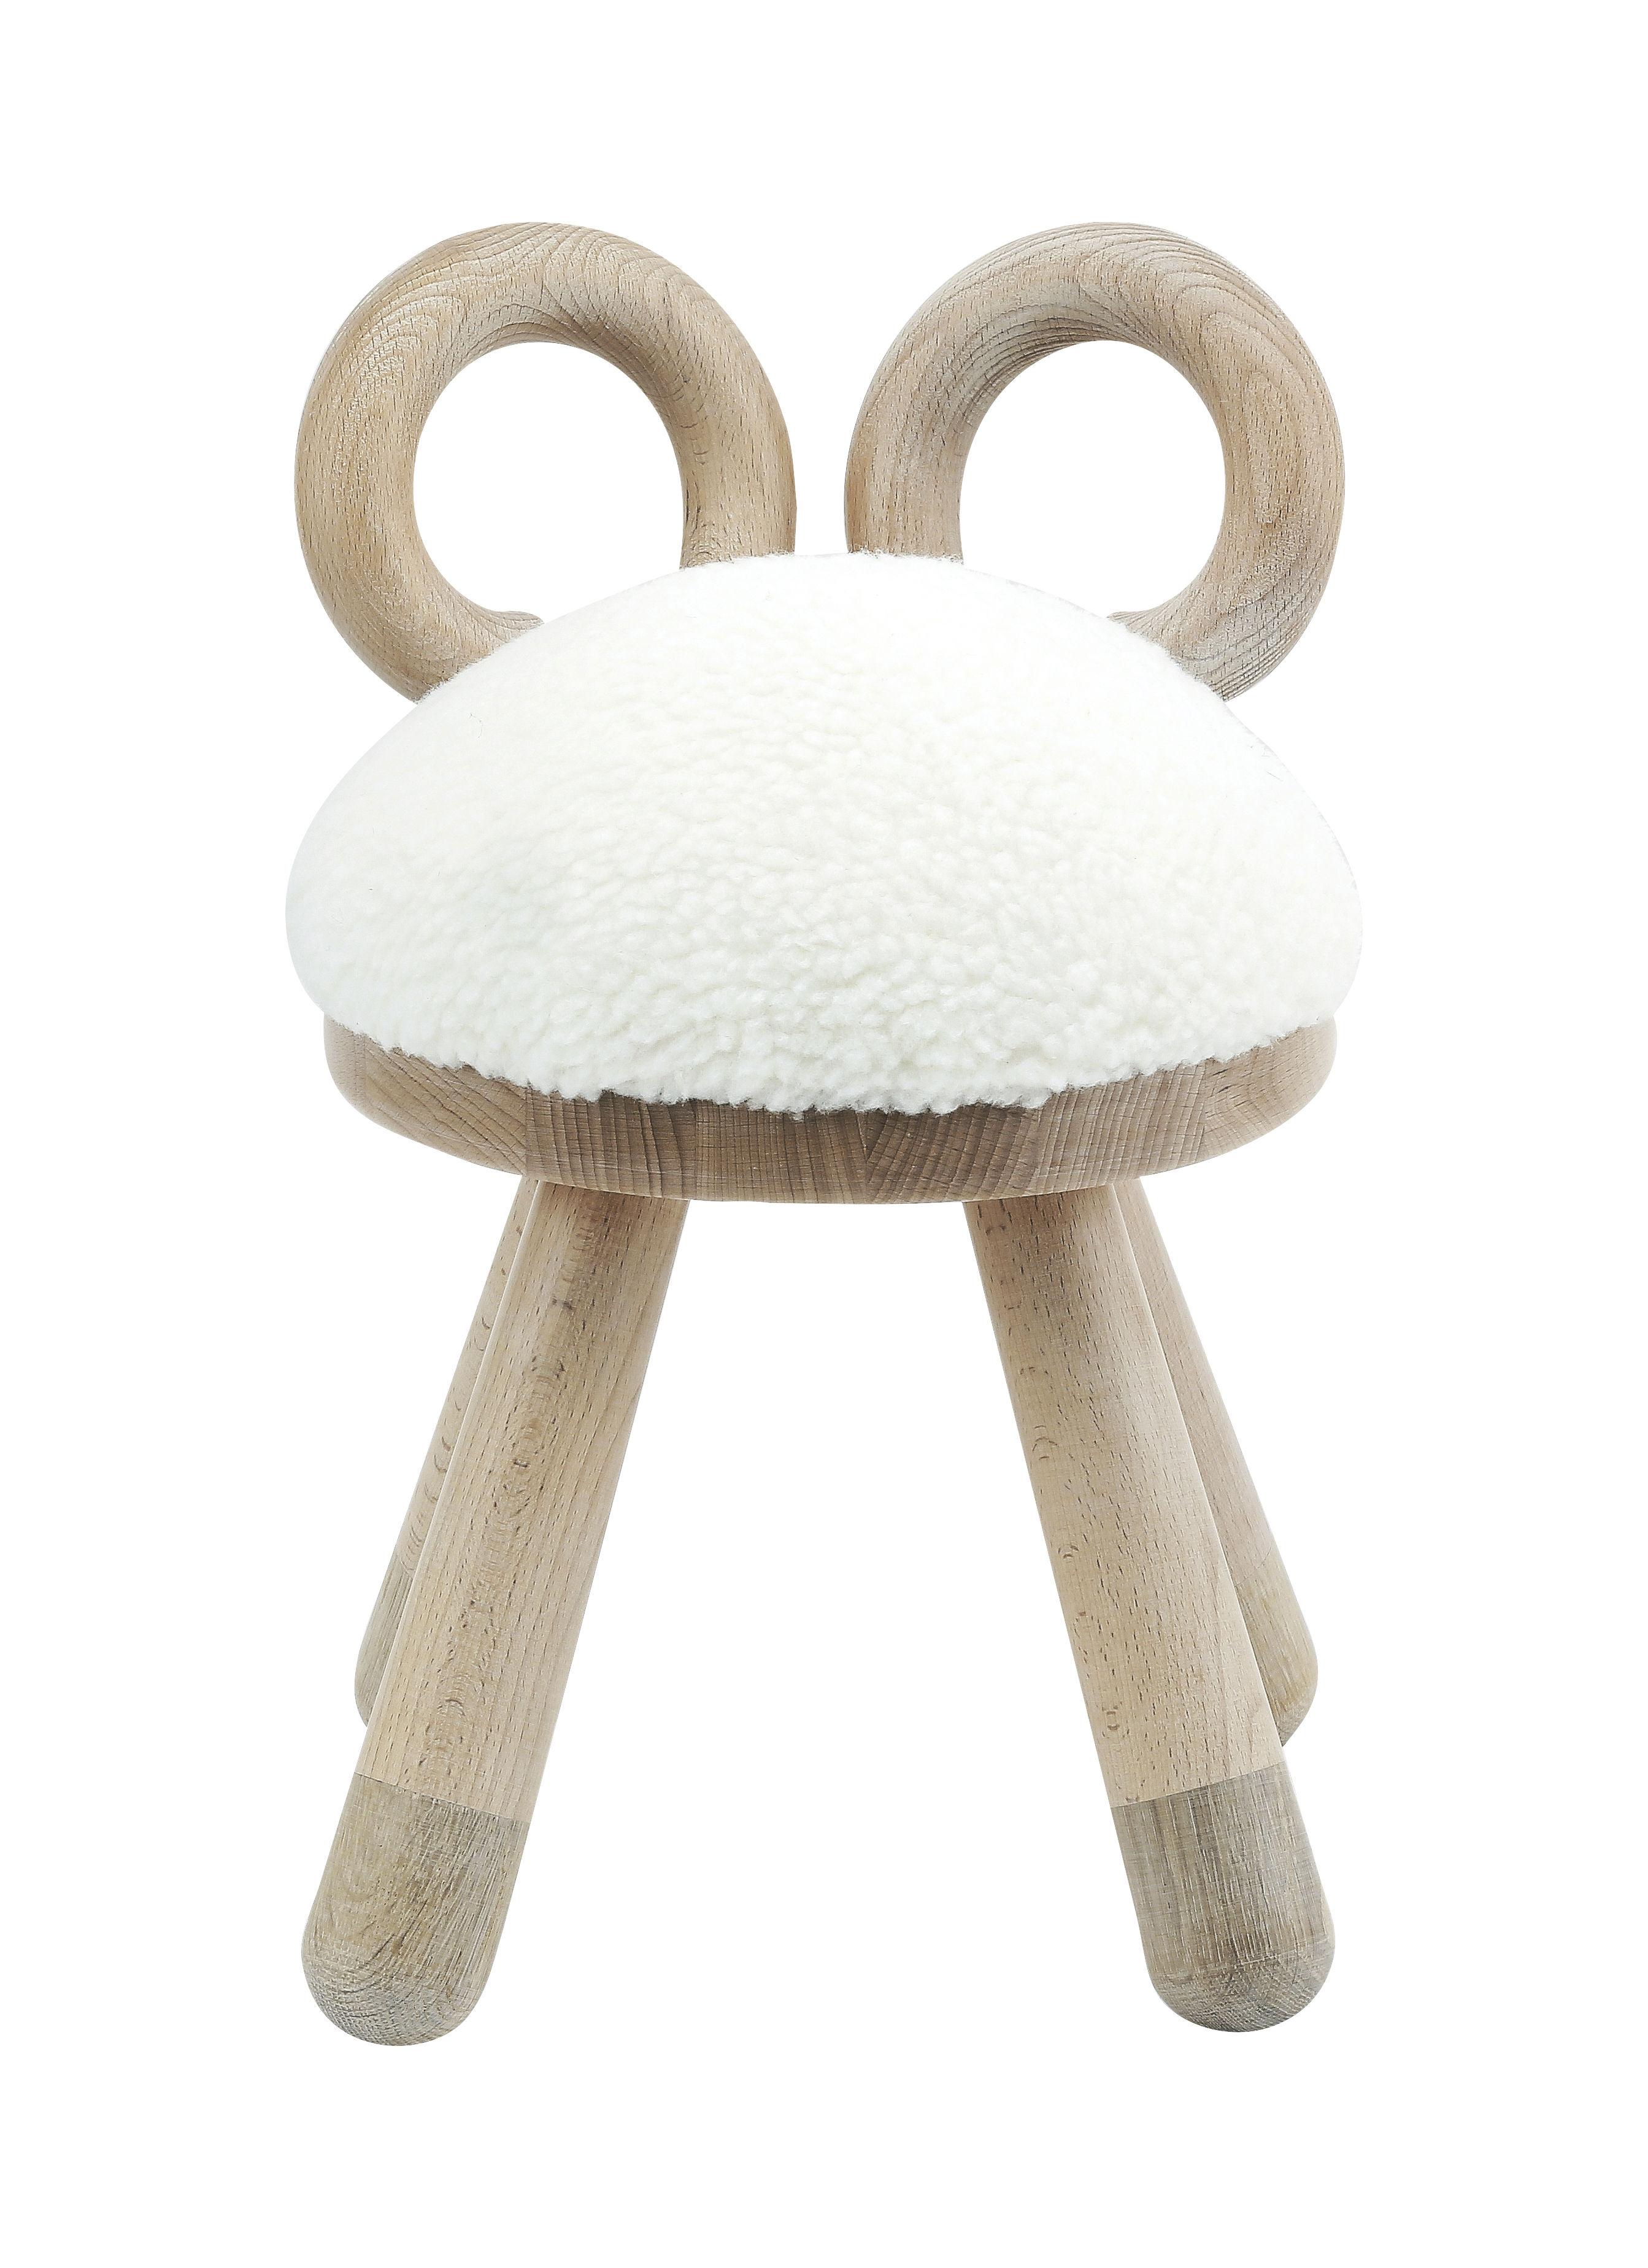 Mobilier - Mobilier Kids - Chaise enfant Sheep / H 39 cm - EO - Mouton - Chêne massif, Fourrure synthétique, Hêtre massif, Mousse